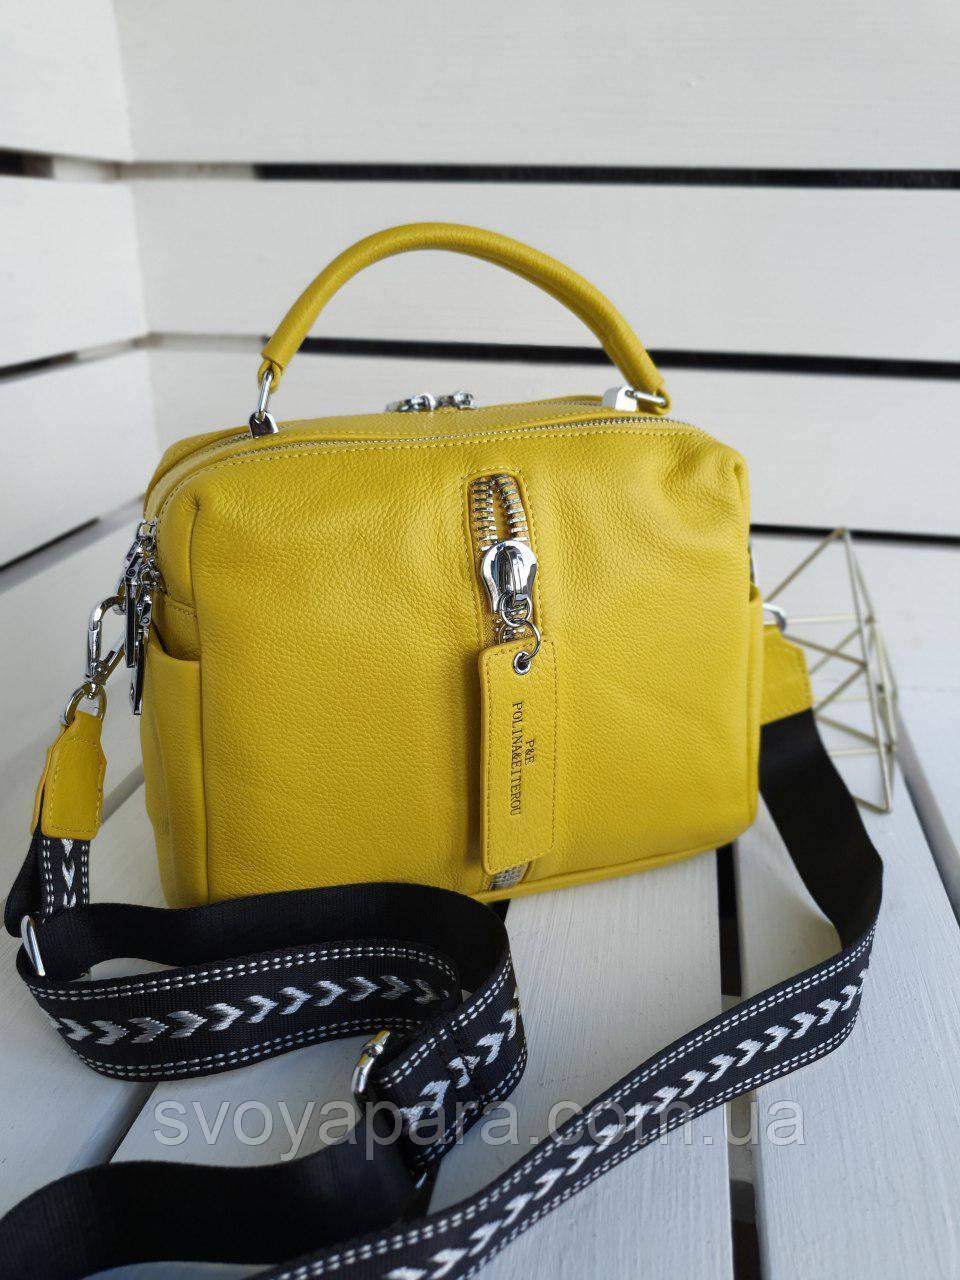 Кожаная женская сумка размером 26х20 см Желтая (01242)